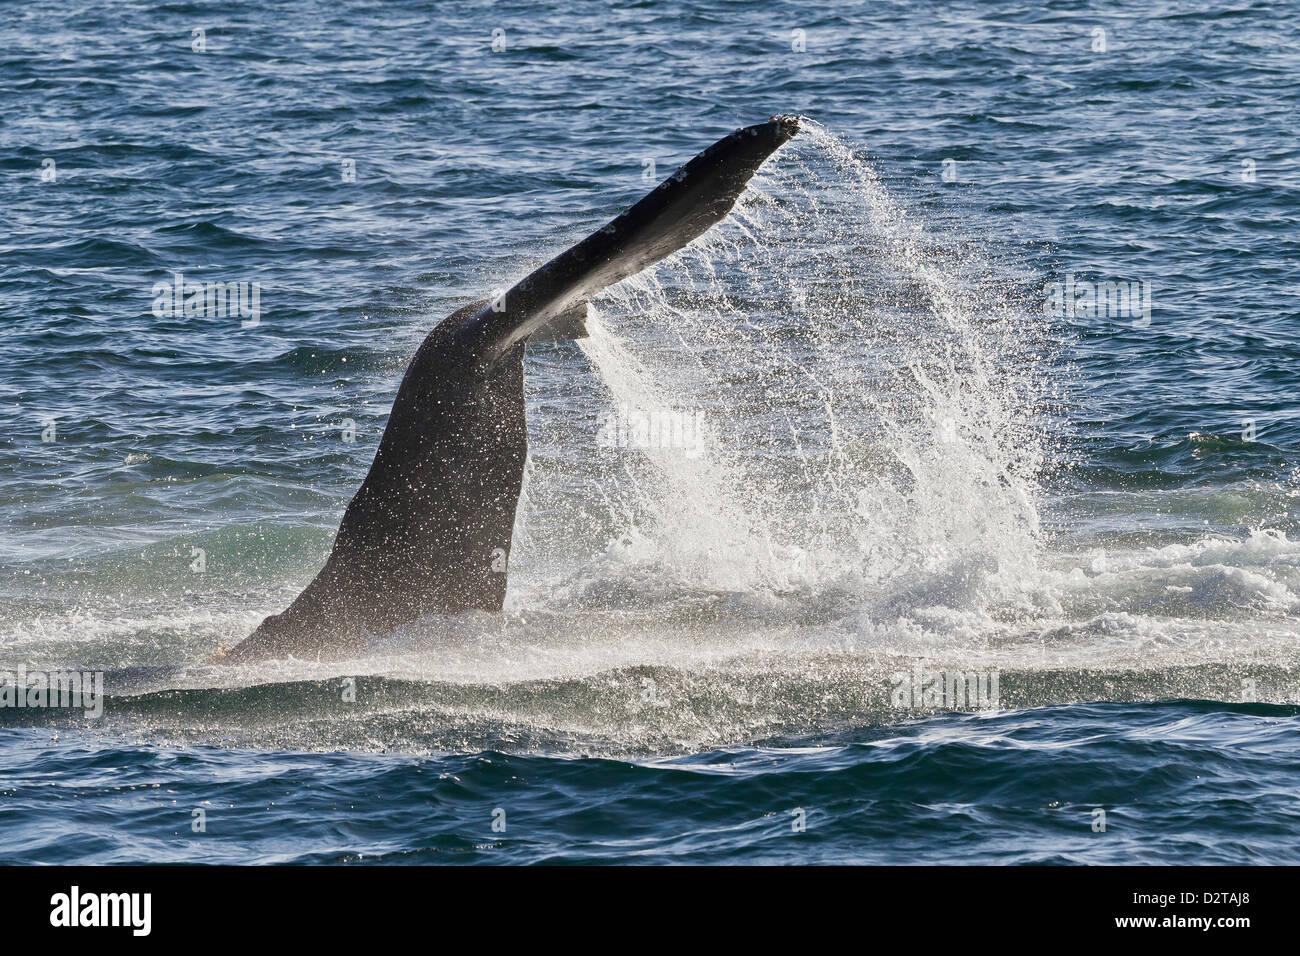 Humpback whale (Megaptera novaeangliae) tail slap, Gulf of California (Sea of Cortez), Baja California Sur, Mexico - Stock Image